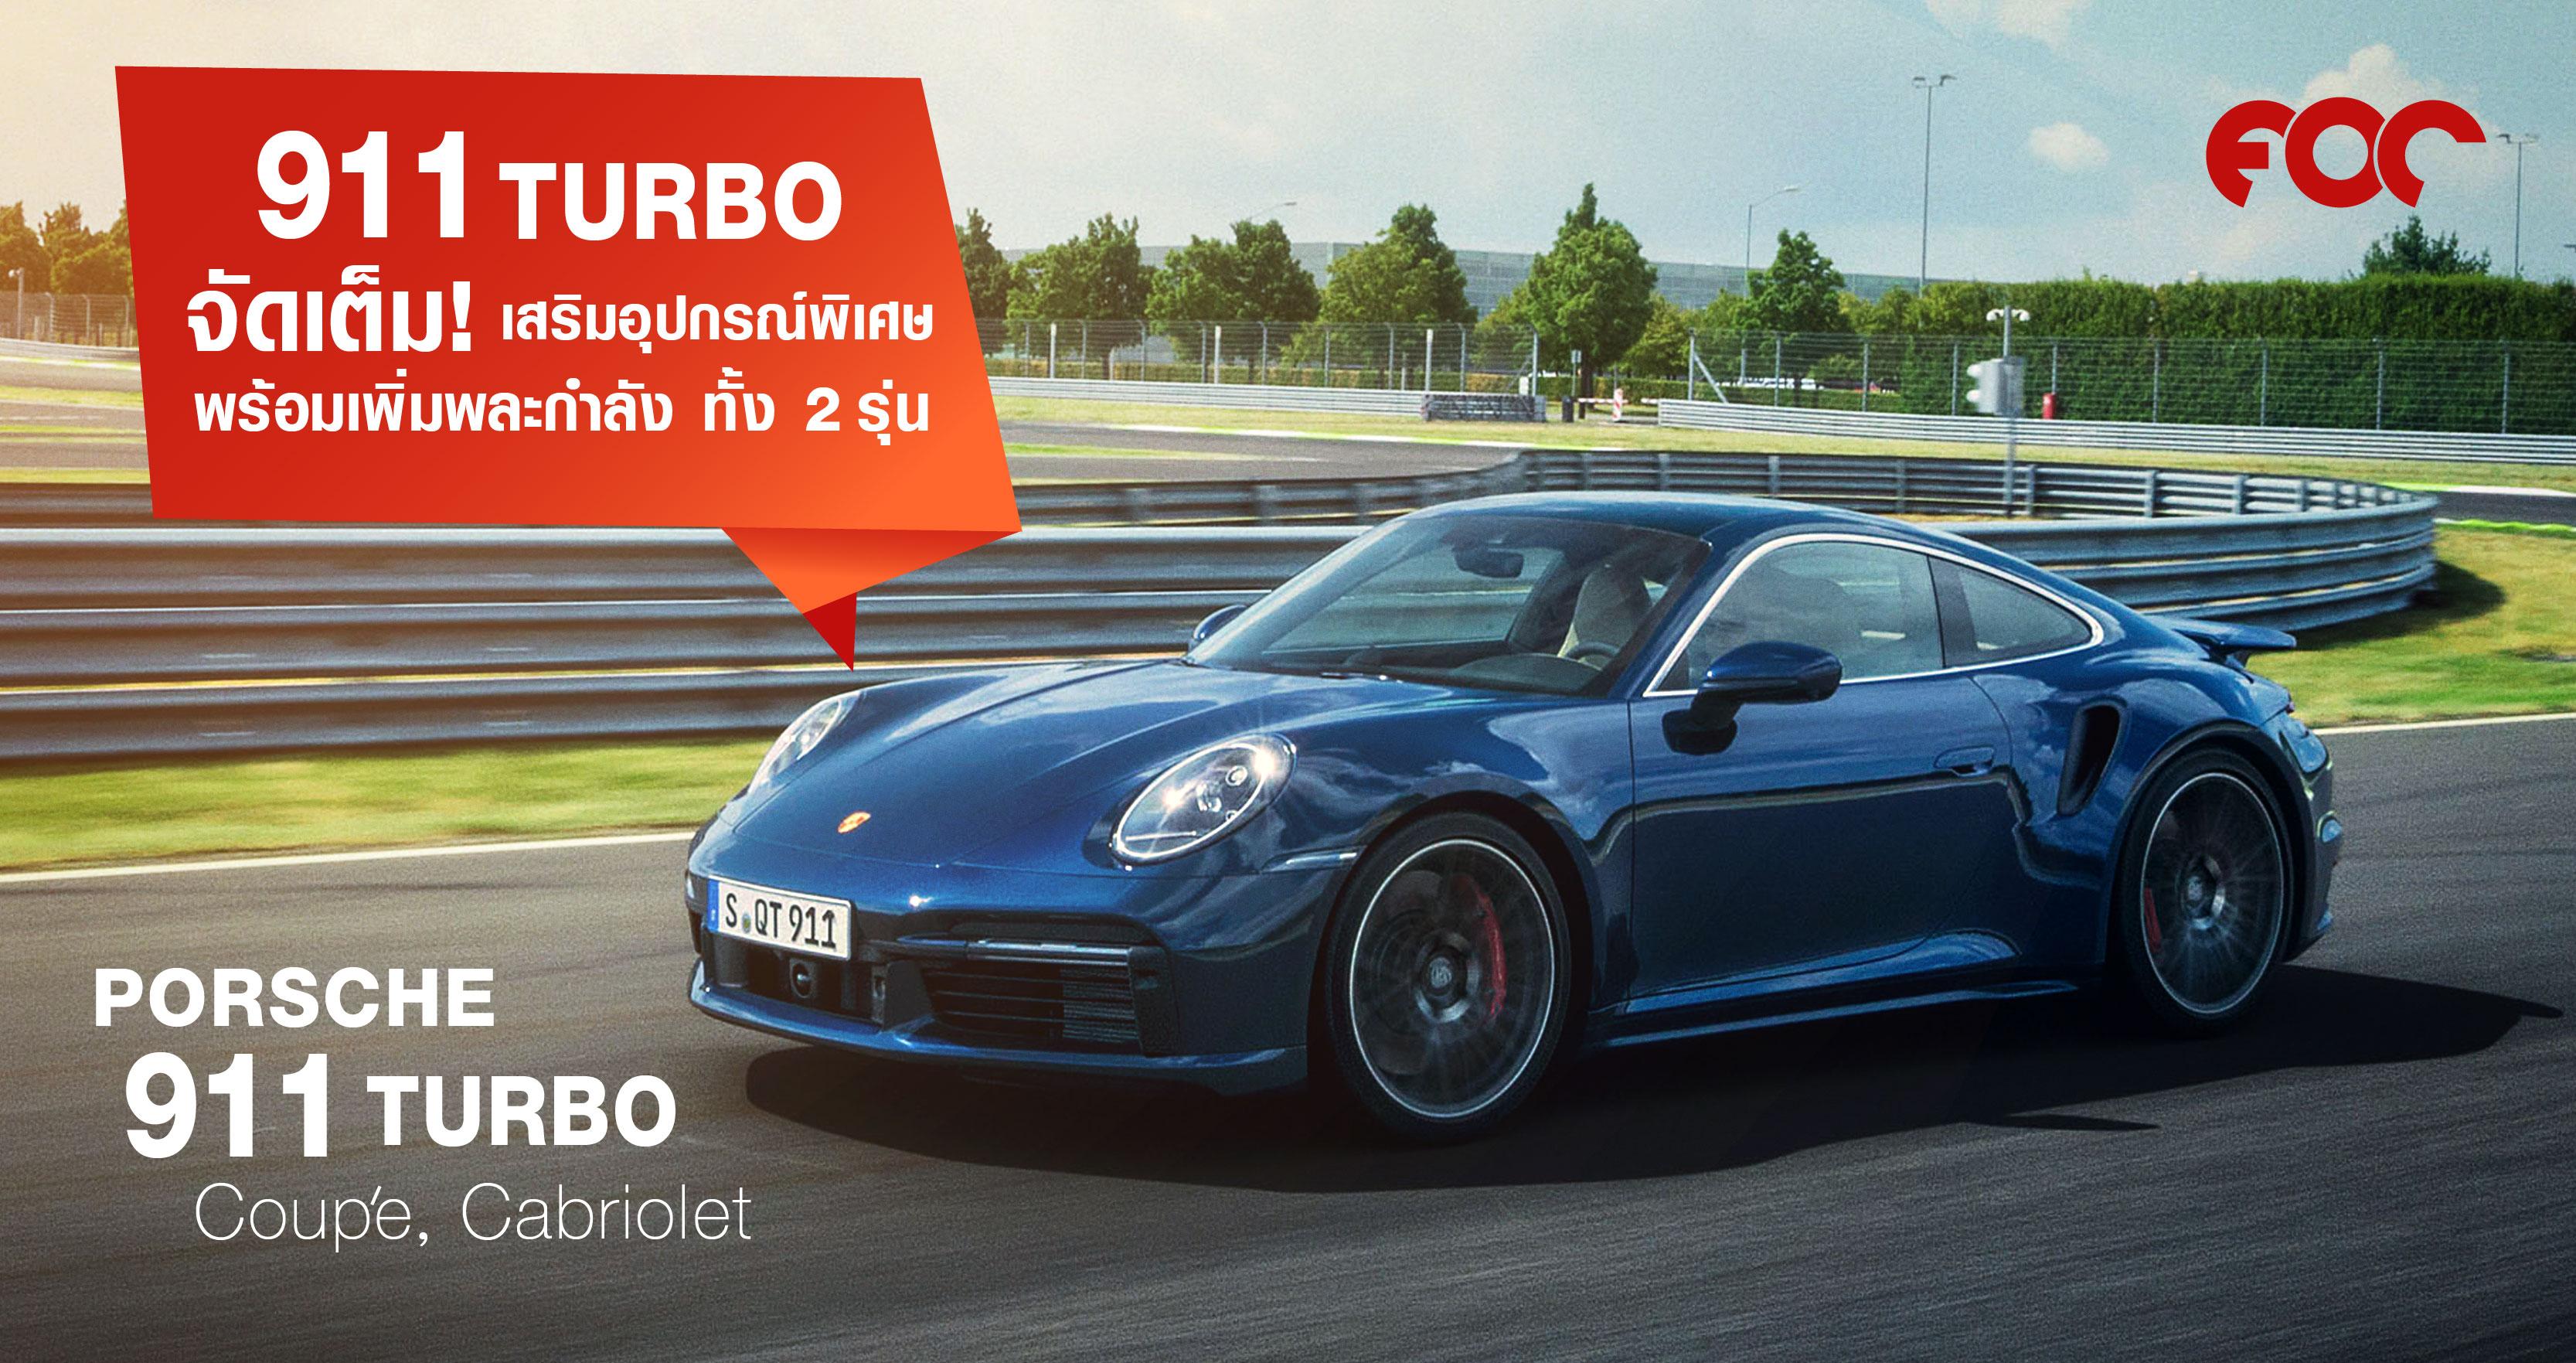 บรรทัดฐานแห่งยนตรกรรมสปอร์ตที่ไม่เคยเปลี่ยนแปลงตลอด 45 ปี: ปอร์เช่ 911 เทอร์โบ (Porsche 911 Turbo)